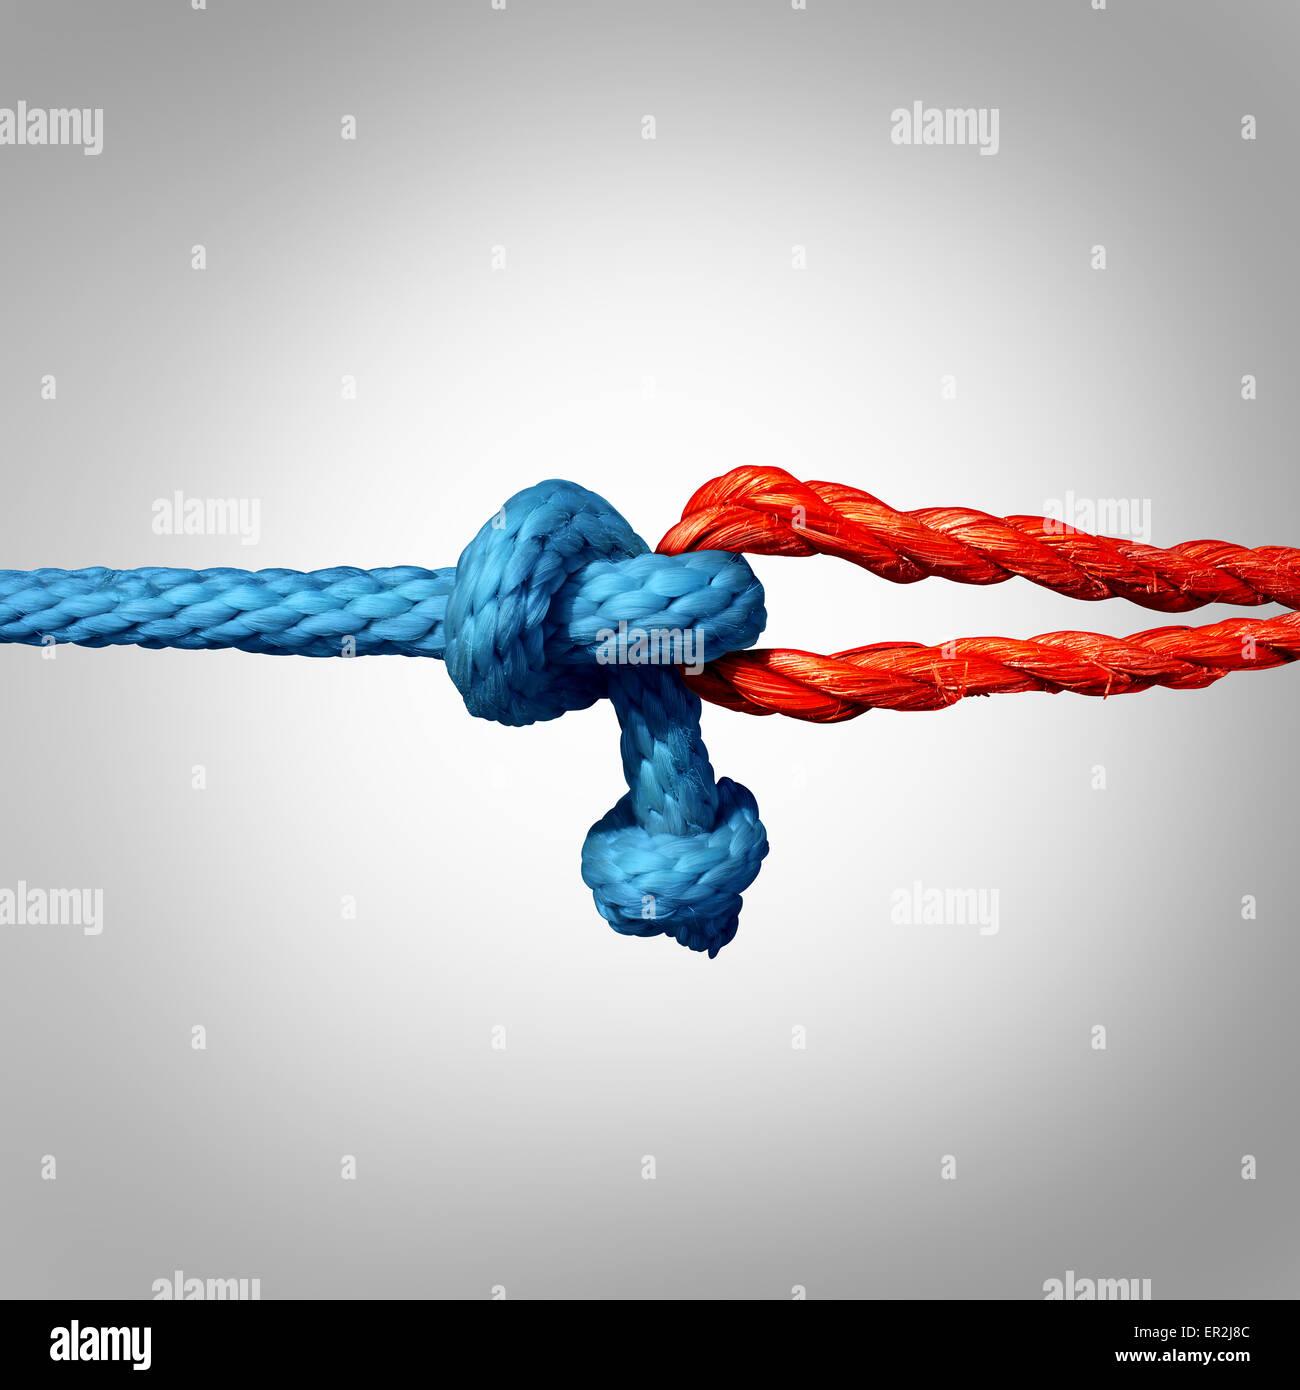 Connecté en tant que concept deux cordes attachées et liées ensemble comme une chaîne incassable Photo Stock